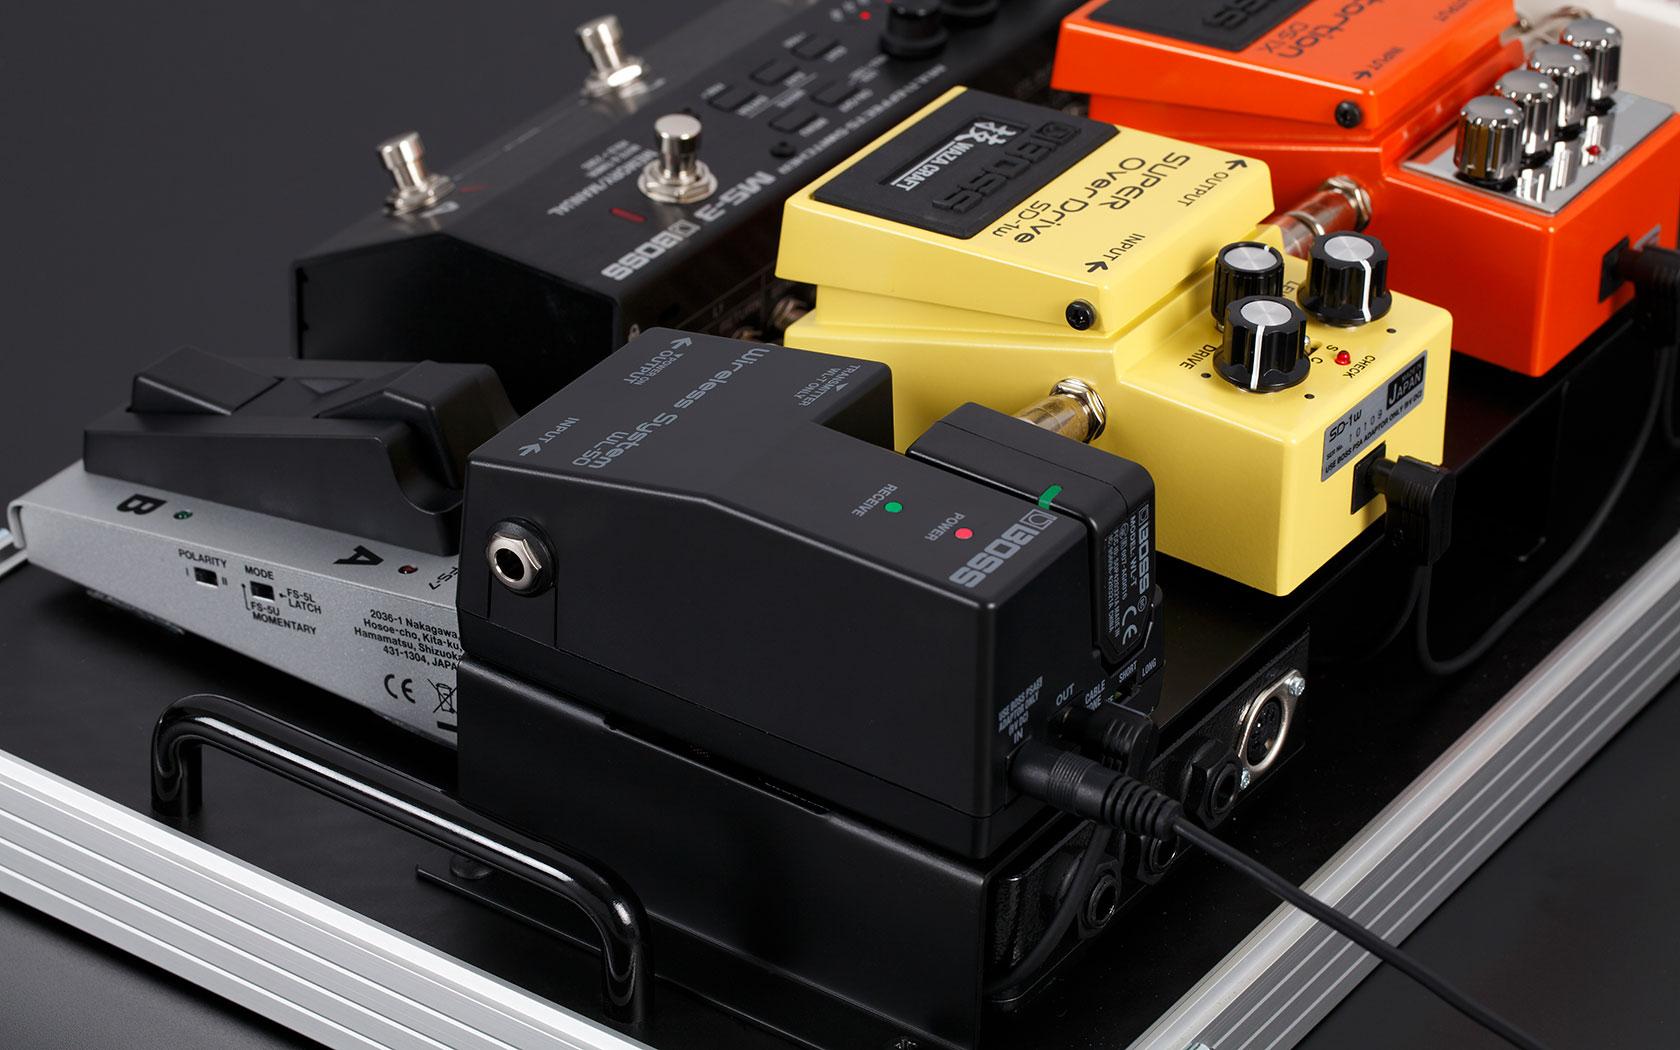 BOSSが投入したワイヤレス!WL-50はコンパクトサイズ!